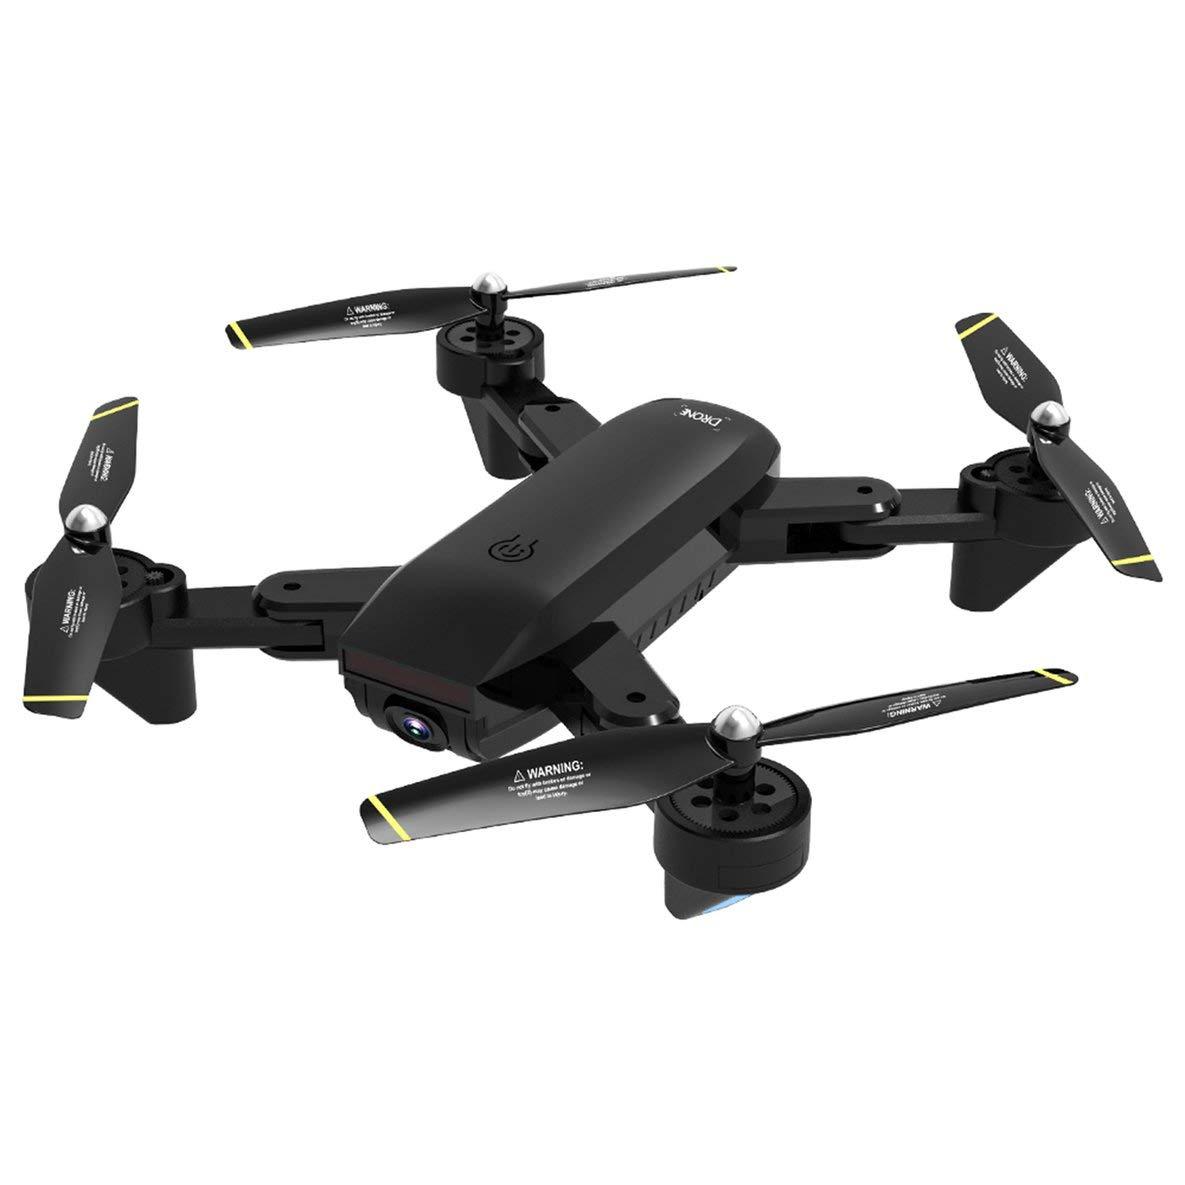 Moliies SG700-S Flujo óptico Plegable de Cuatro Ejes Aviones Aviones no tripulados RC con 1080P Drones cámara WiFi RC Quadcopter helicóptero